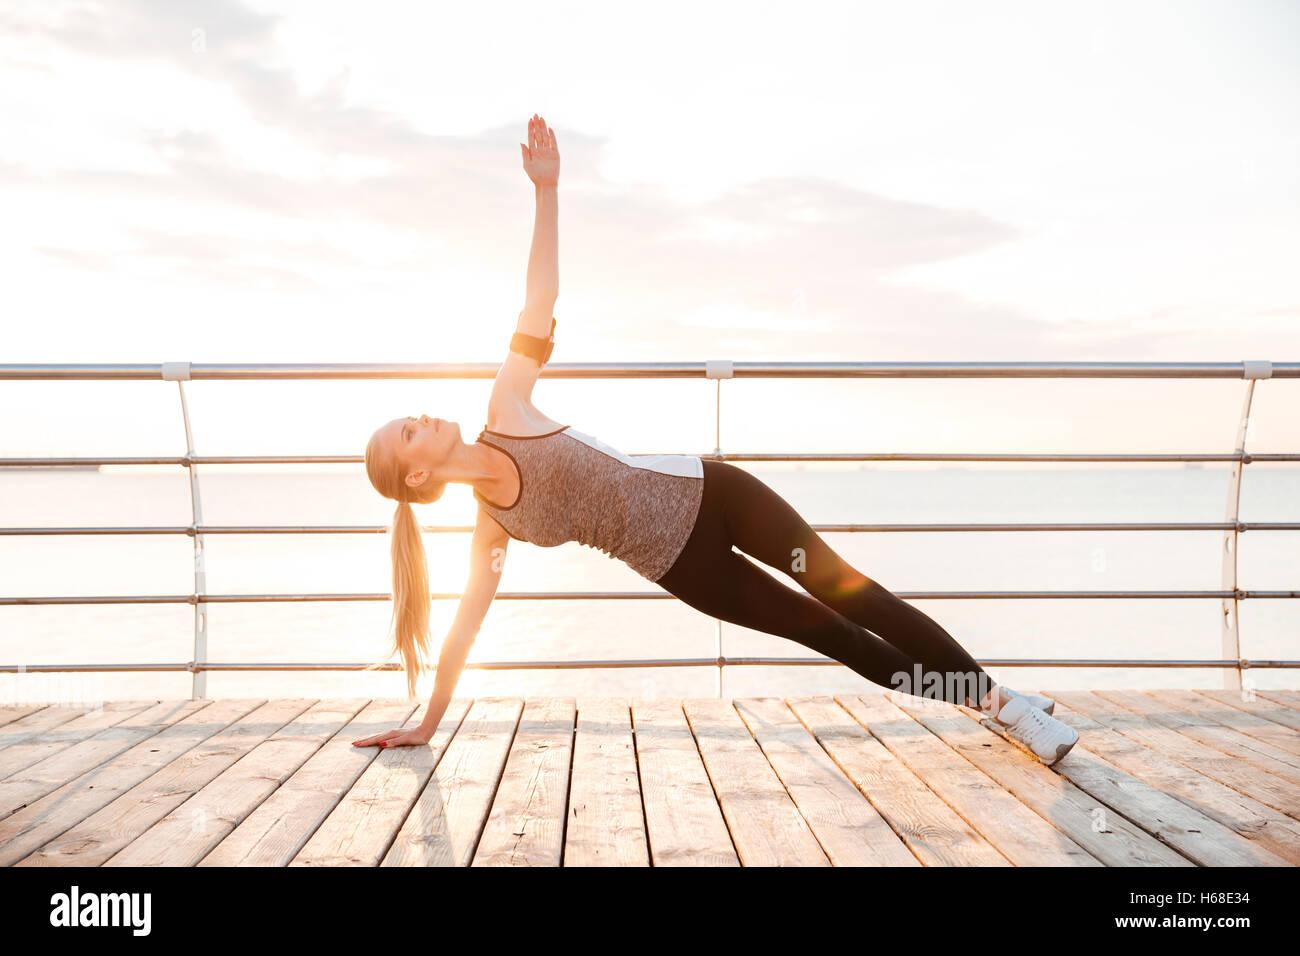 Gimnasio deportivo entarimado mujer realizando ejercicios de yoga al aire libre en el muelle de playa Imagen De Stock